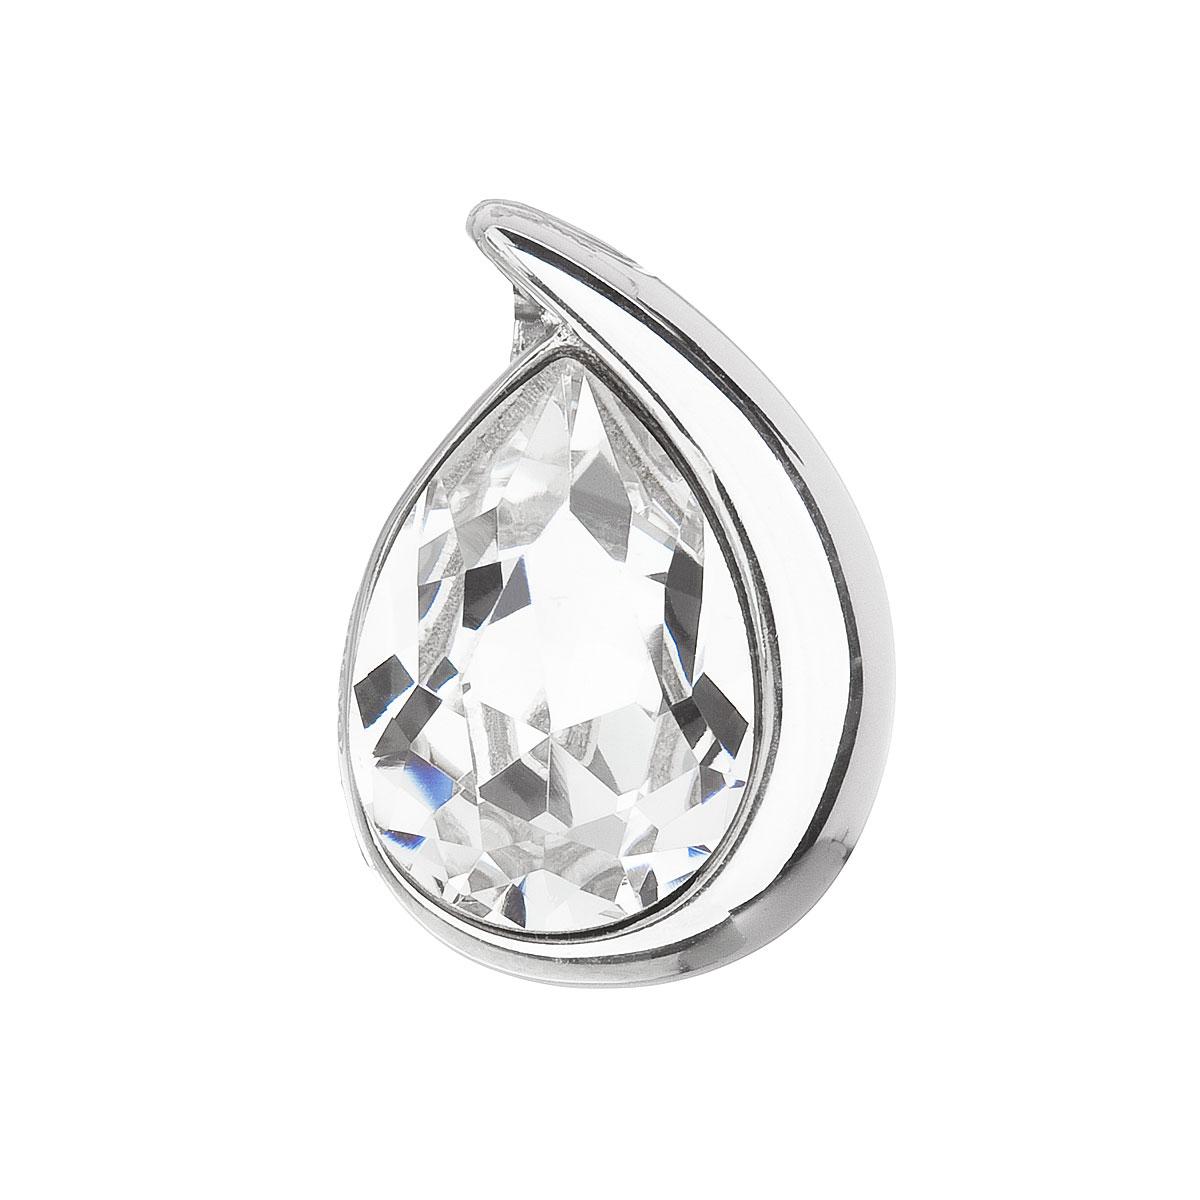 Evolution Group Stříbrný přívěsek s krystalem Swarovski bílá slza 34233.1